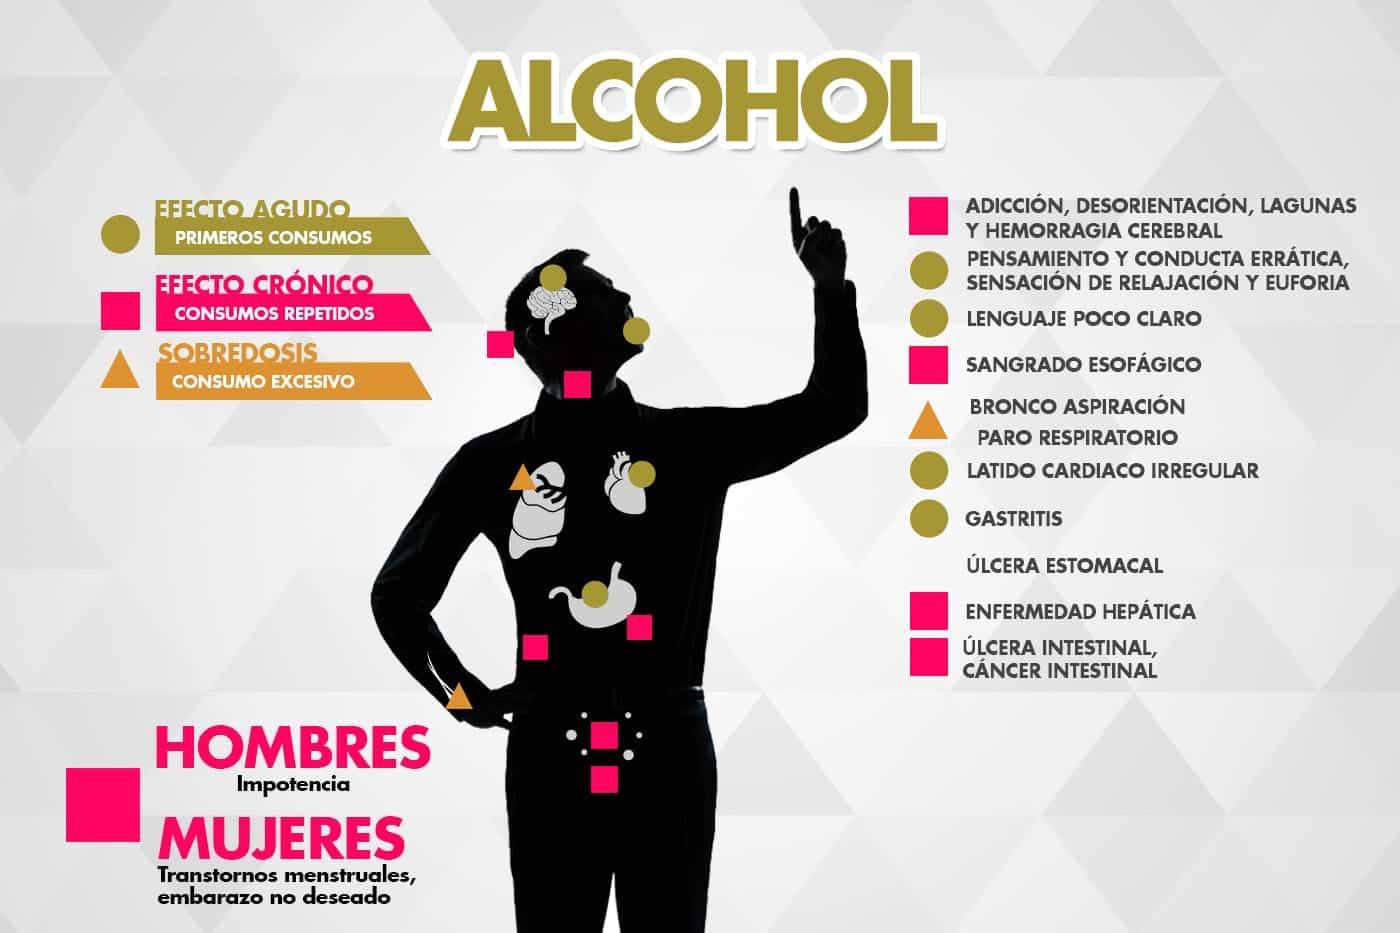 La codificación fácil del alcohol